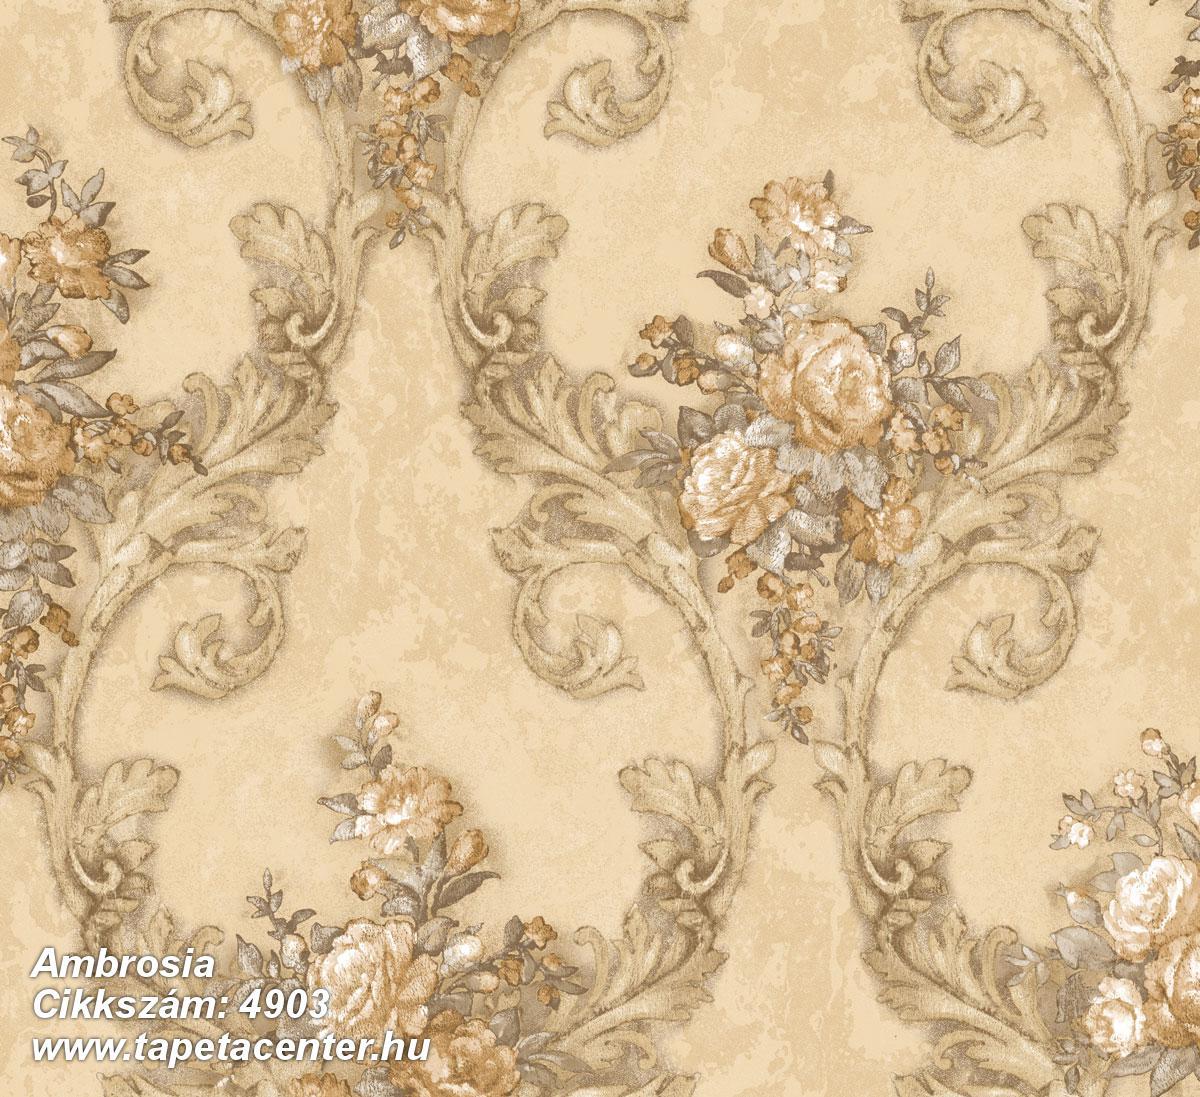 Barokk-klasszikus,természeti mintás,textil hatású,virágmintás,arany,barna,bézs-drapp,fehér,szürke,súrolható,vlies tapéta